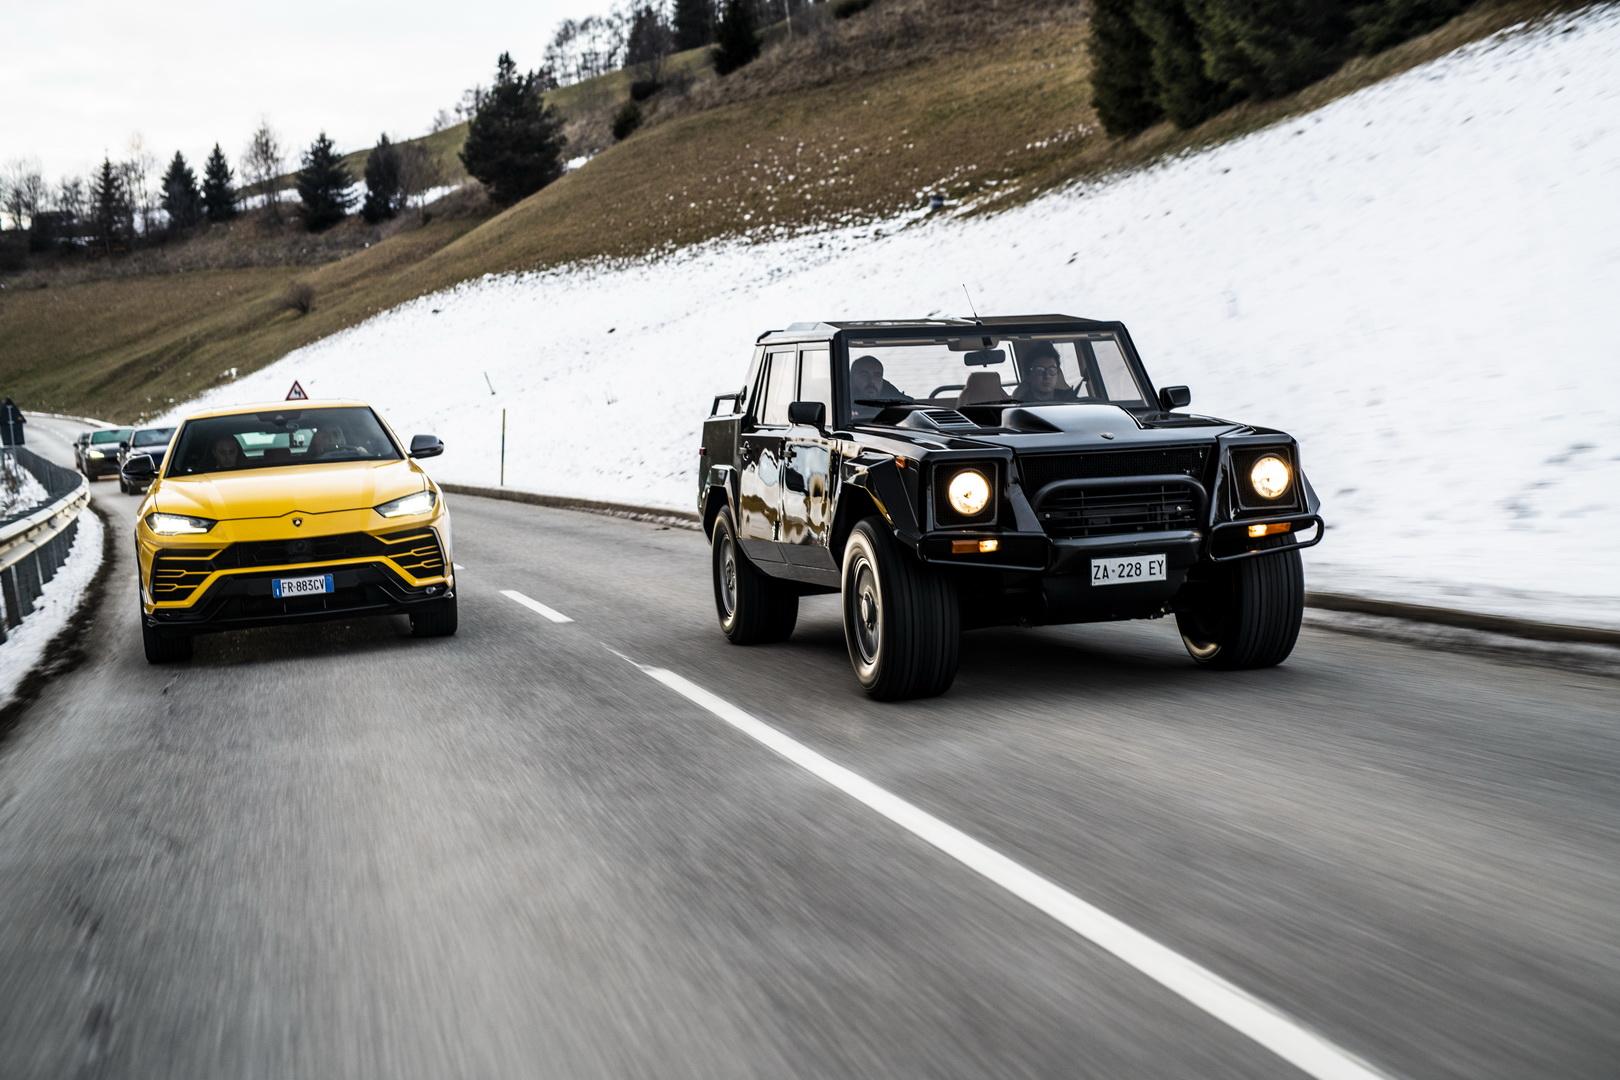 Lamborghini Urus i LM002 w świątecznym konwoju